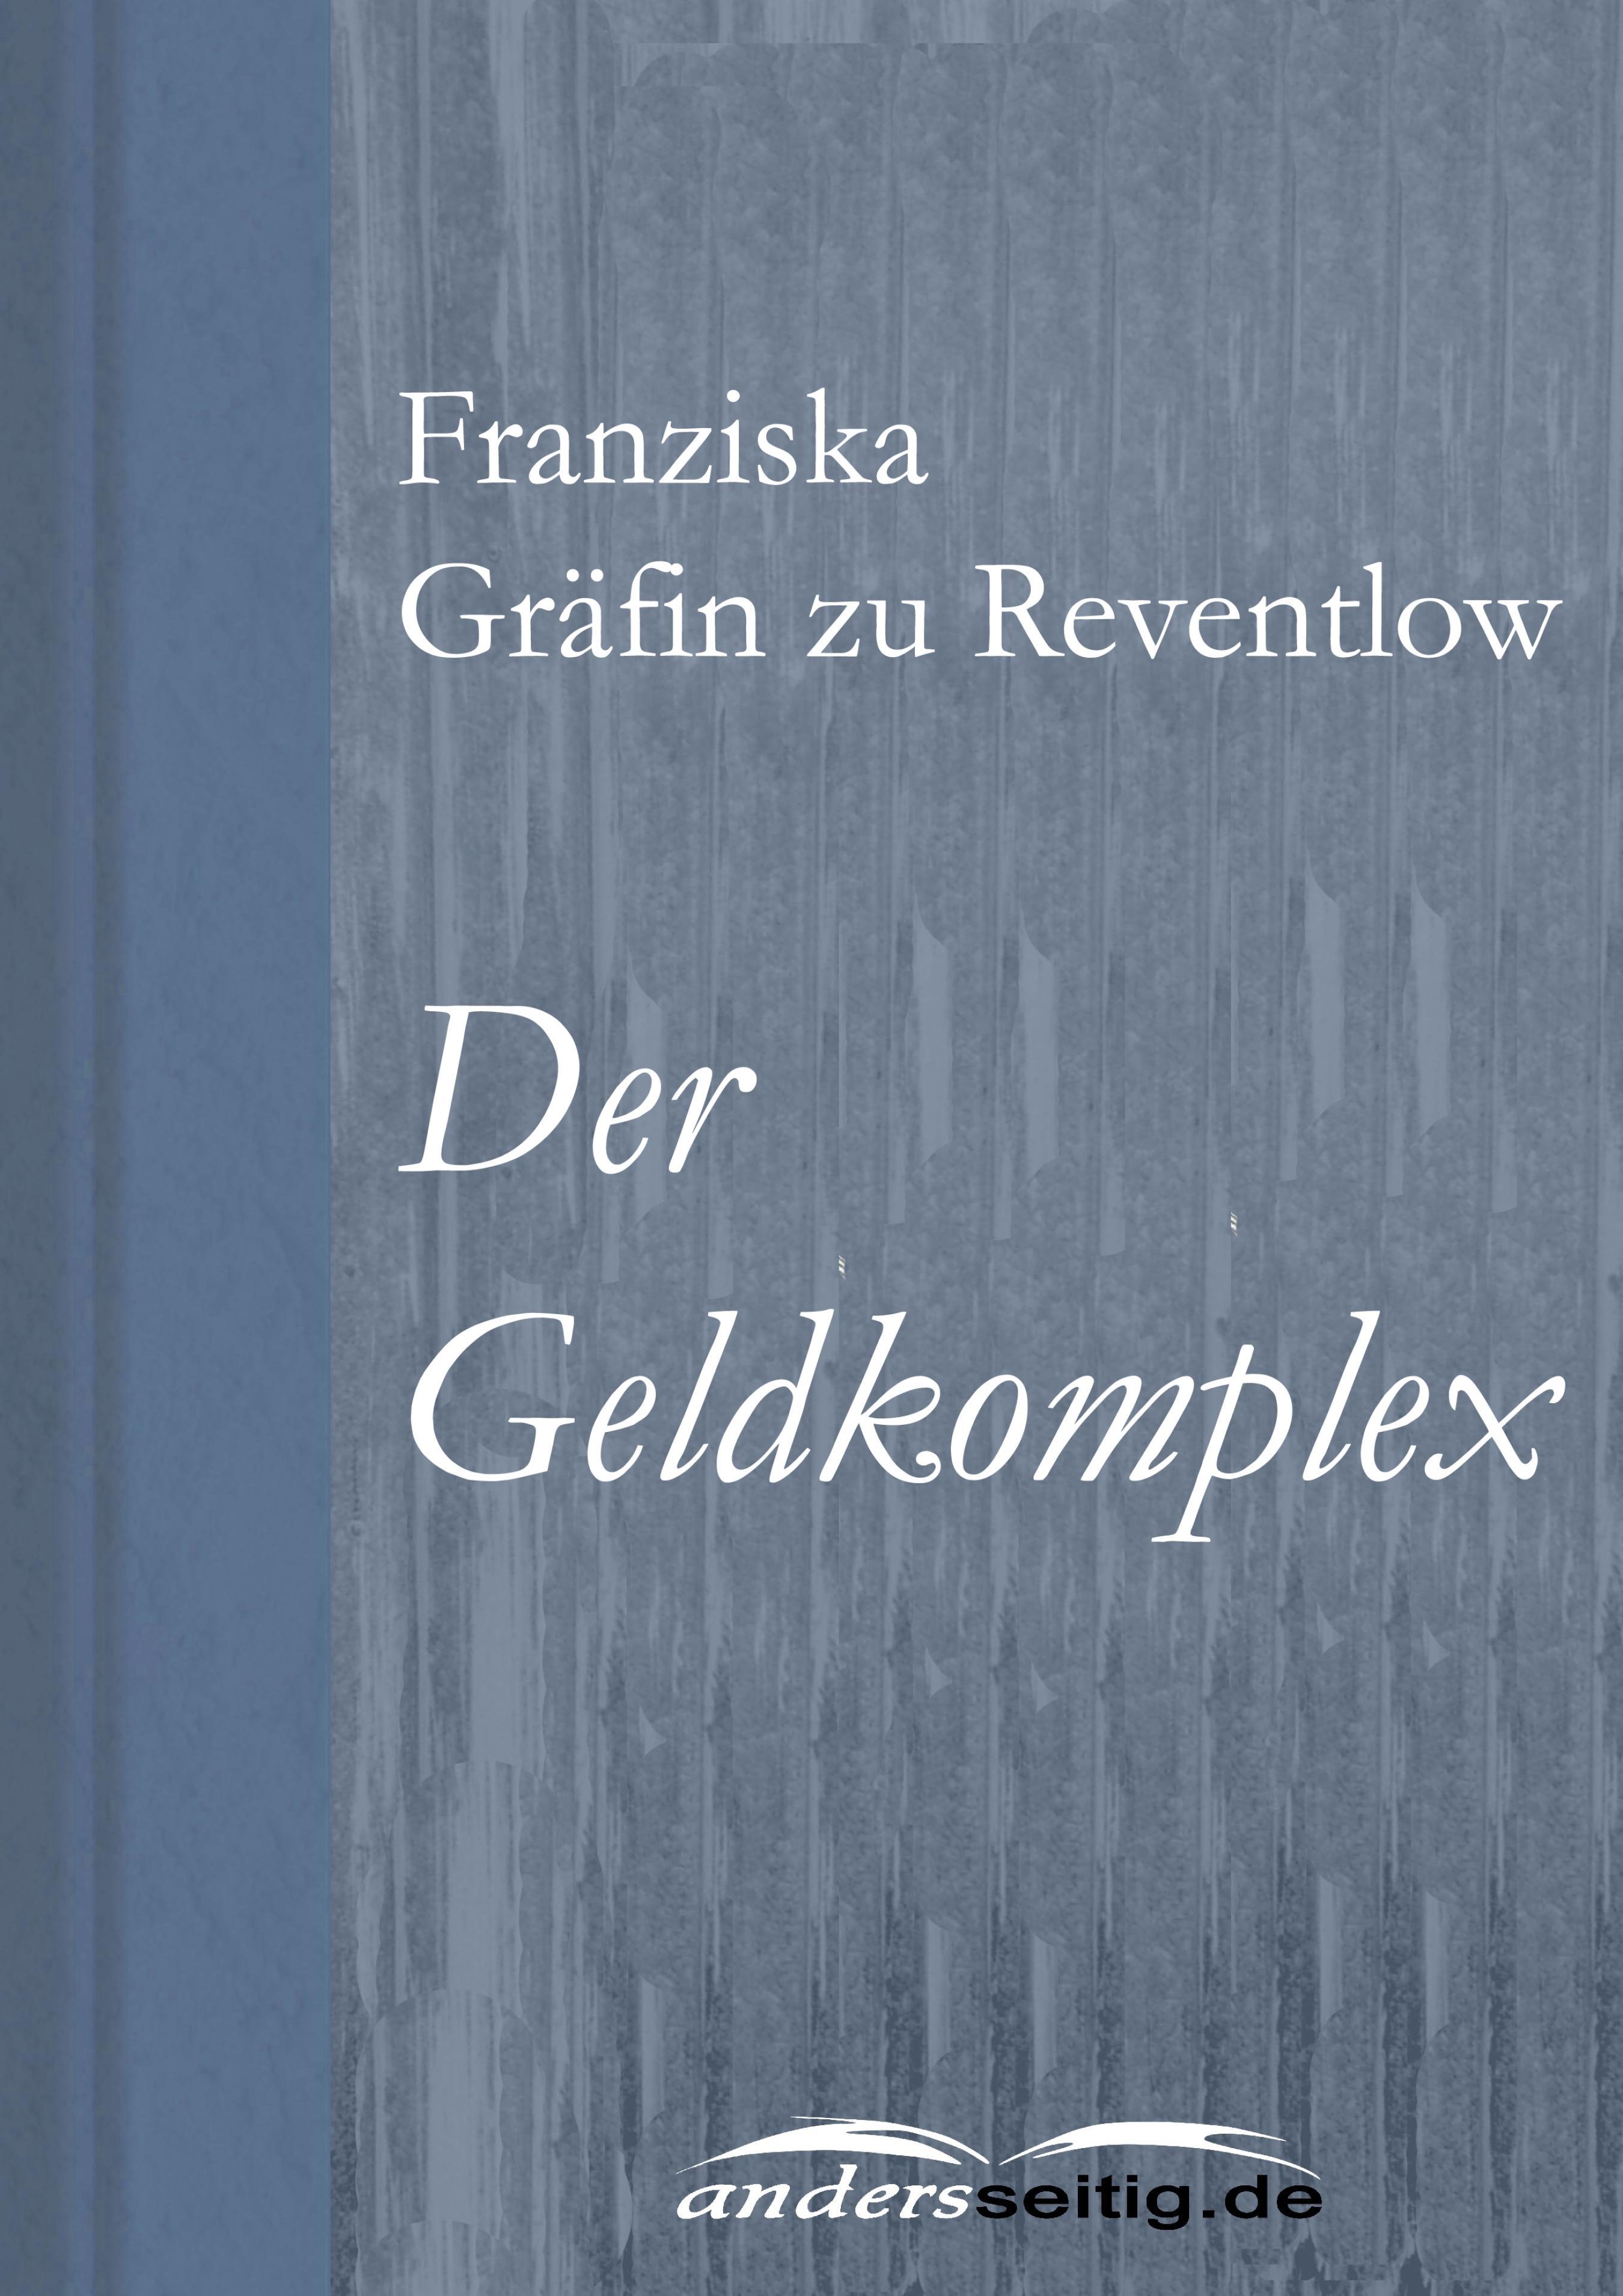 Franziska Grafin zu Reventlow Der Geldkomplex